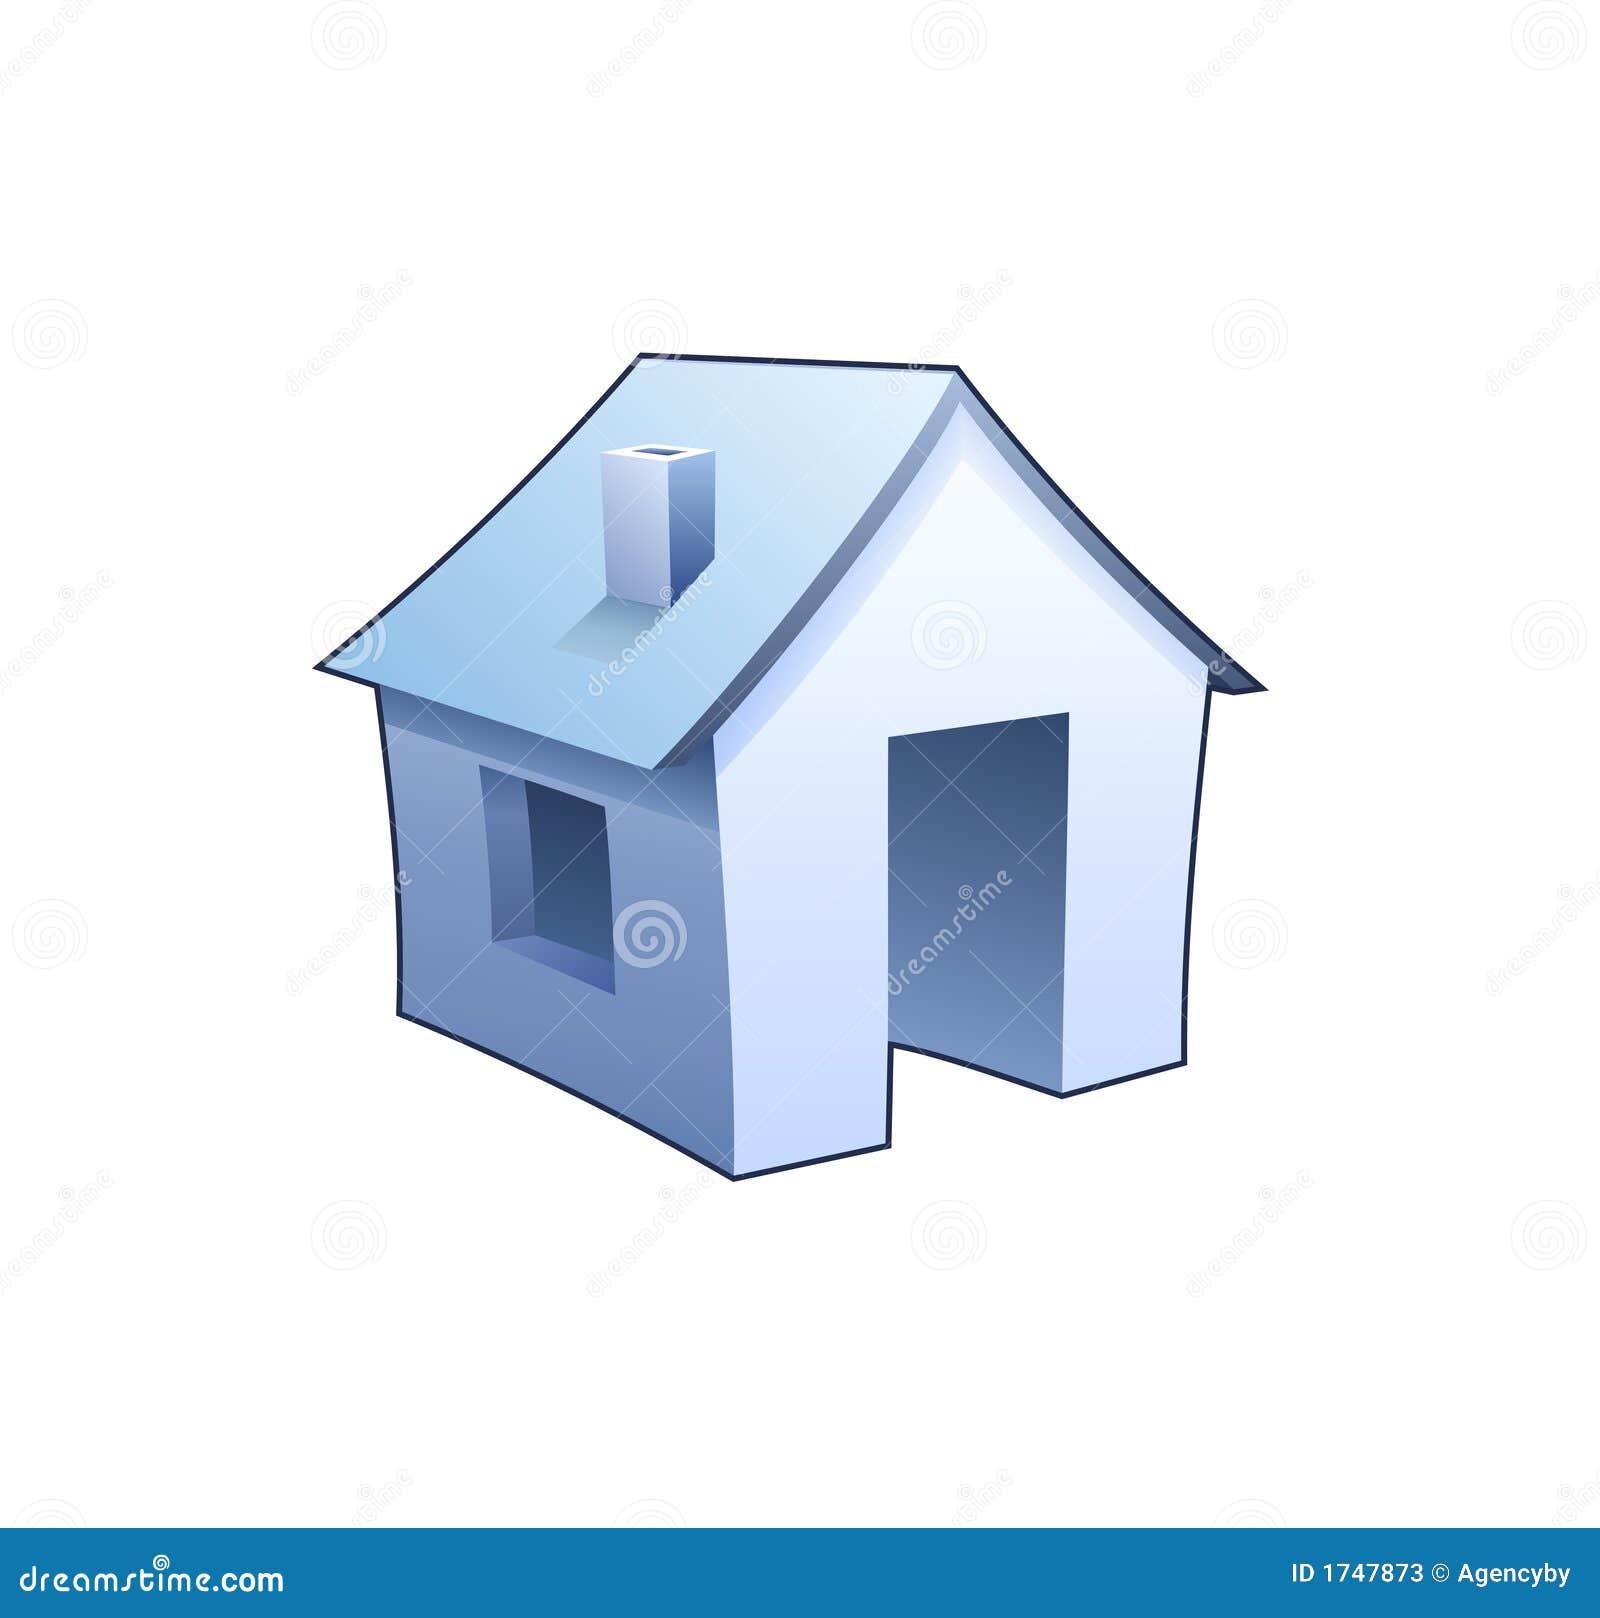 Símbolo del homepage del Internet - icono detallado de la casa azul